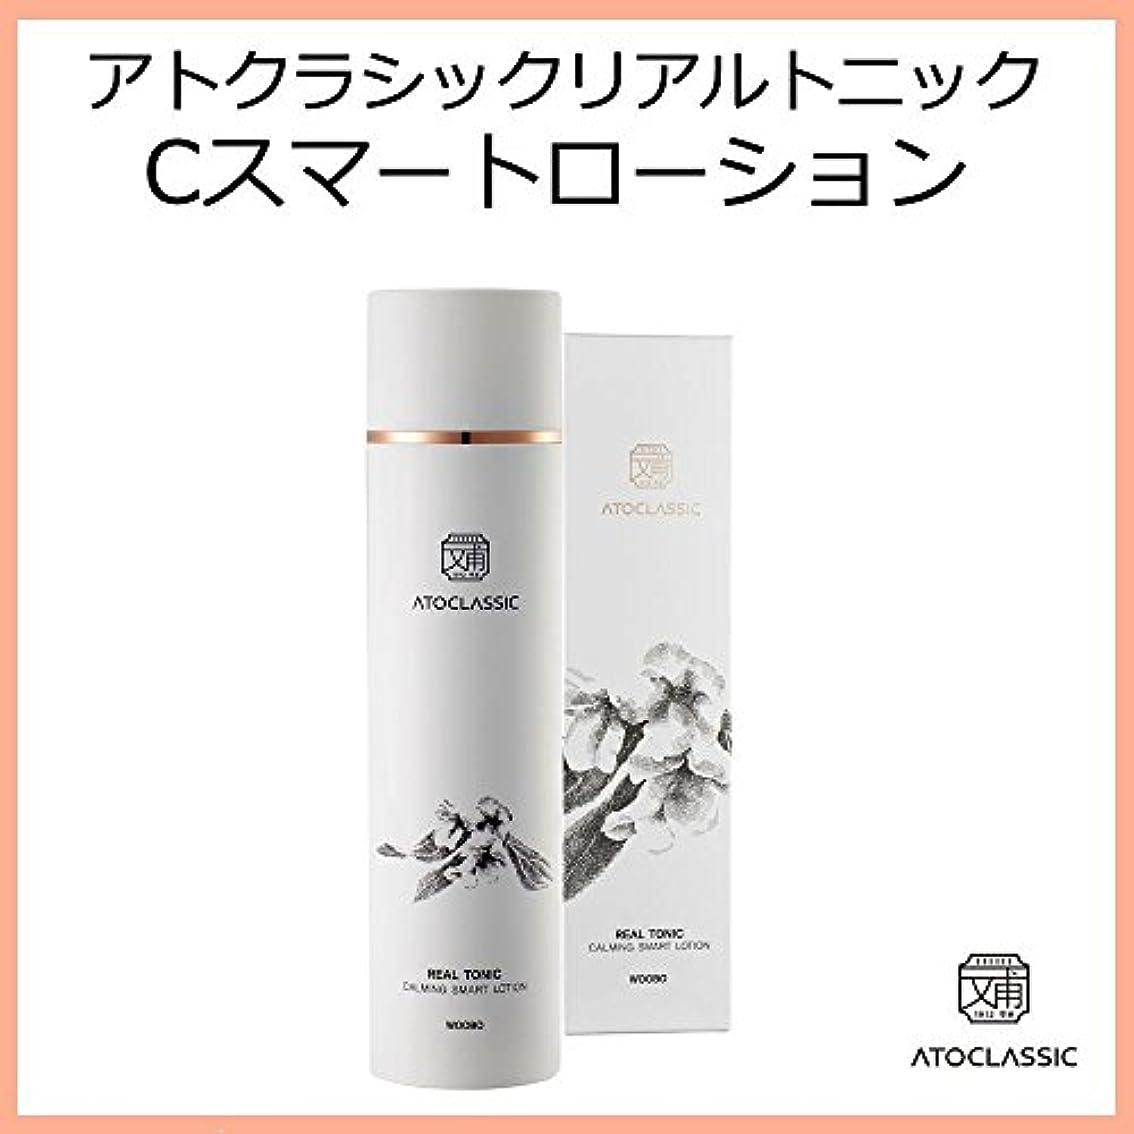 売上高保証責める韓国コスメ ATOCLASSIC アトクラシックリアルトニック Cスマートローション(Calming Smart Lotion) 200ml